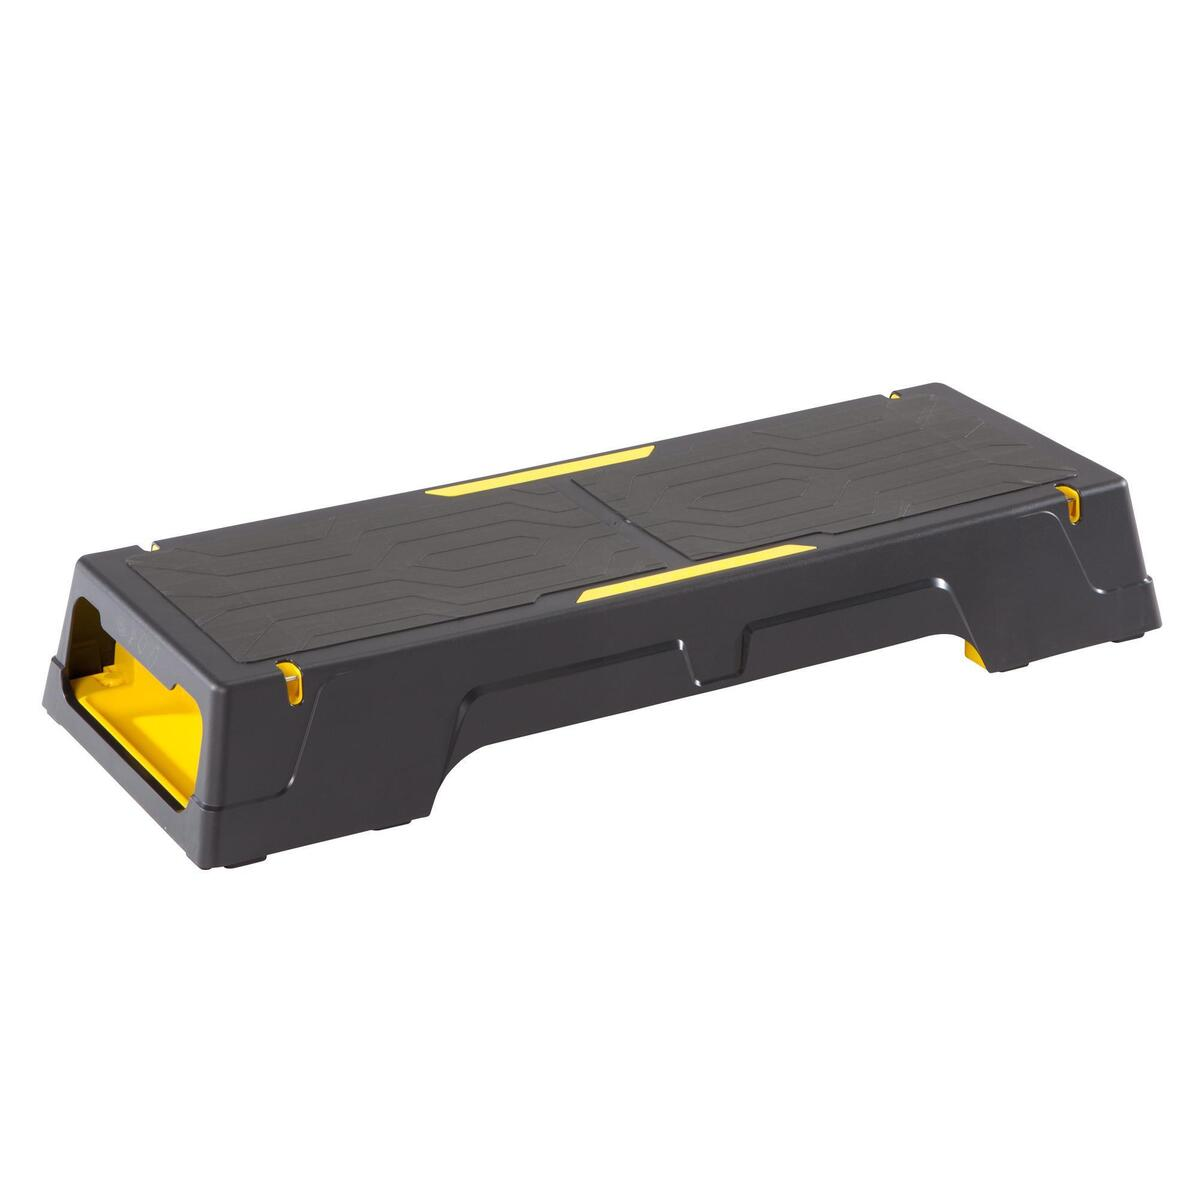 Bild 2 von Stepbank, Step Komfort schwarz/gelb